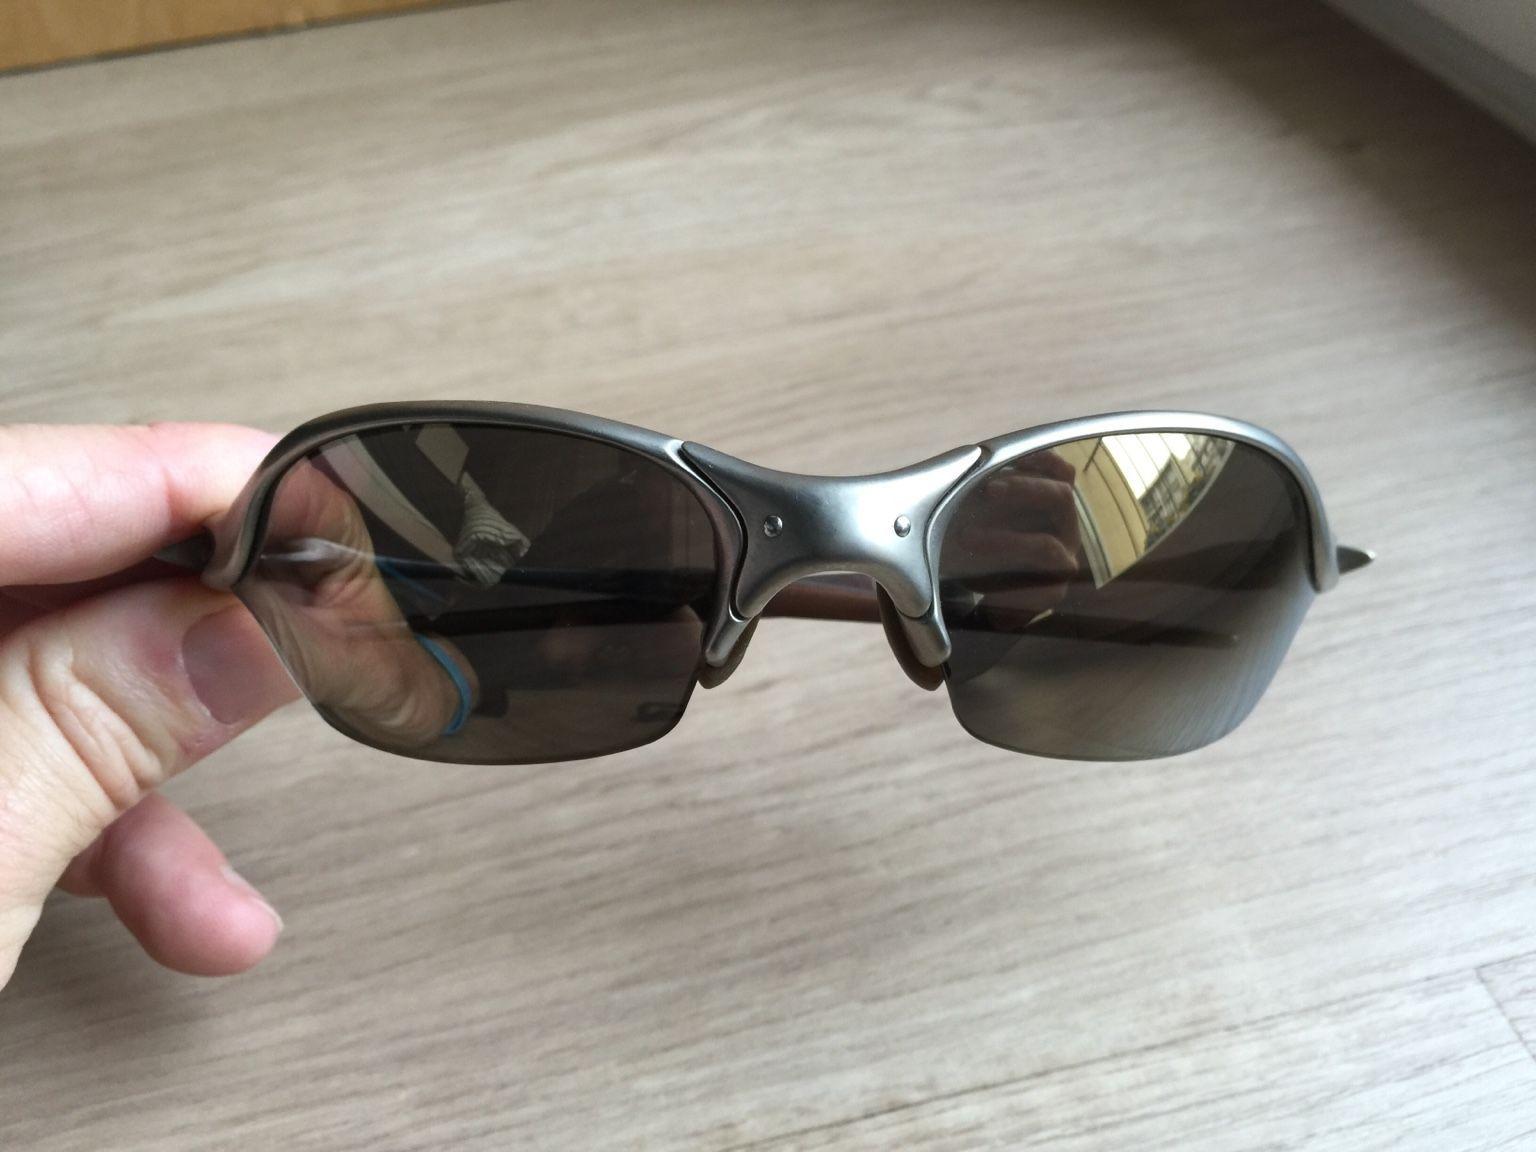 Plasma (?) Romeo 2 for sale - Sold! - 7fcf1b663e62d109a0e8a07a3b58195e.jpg